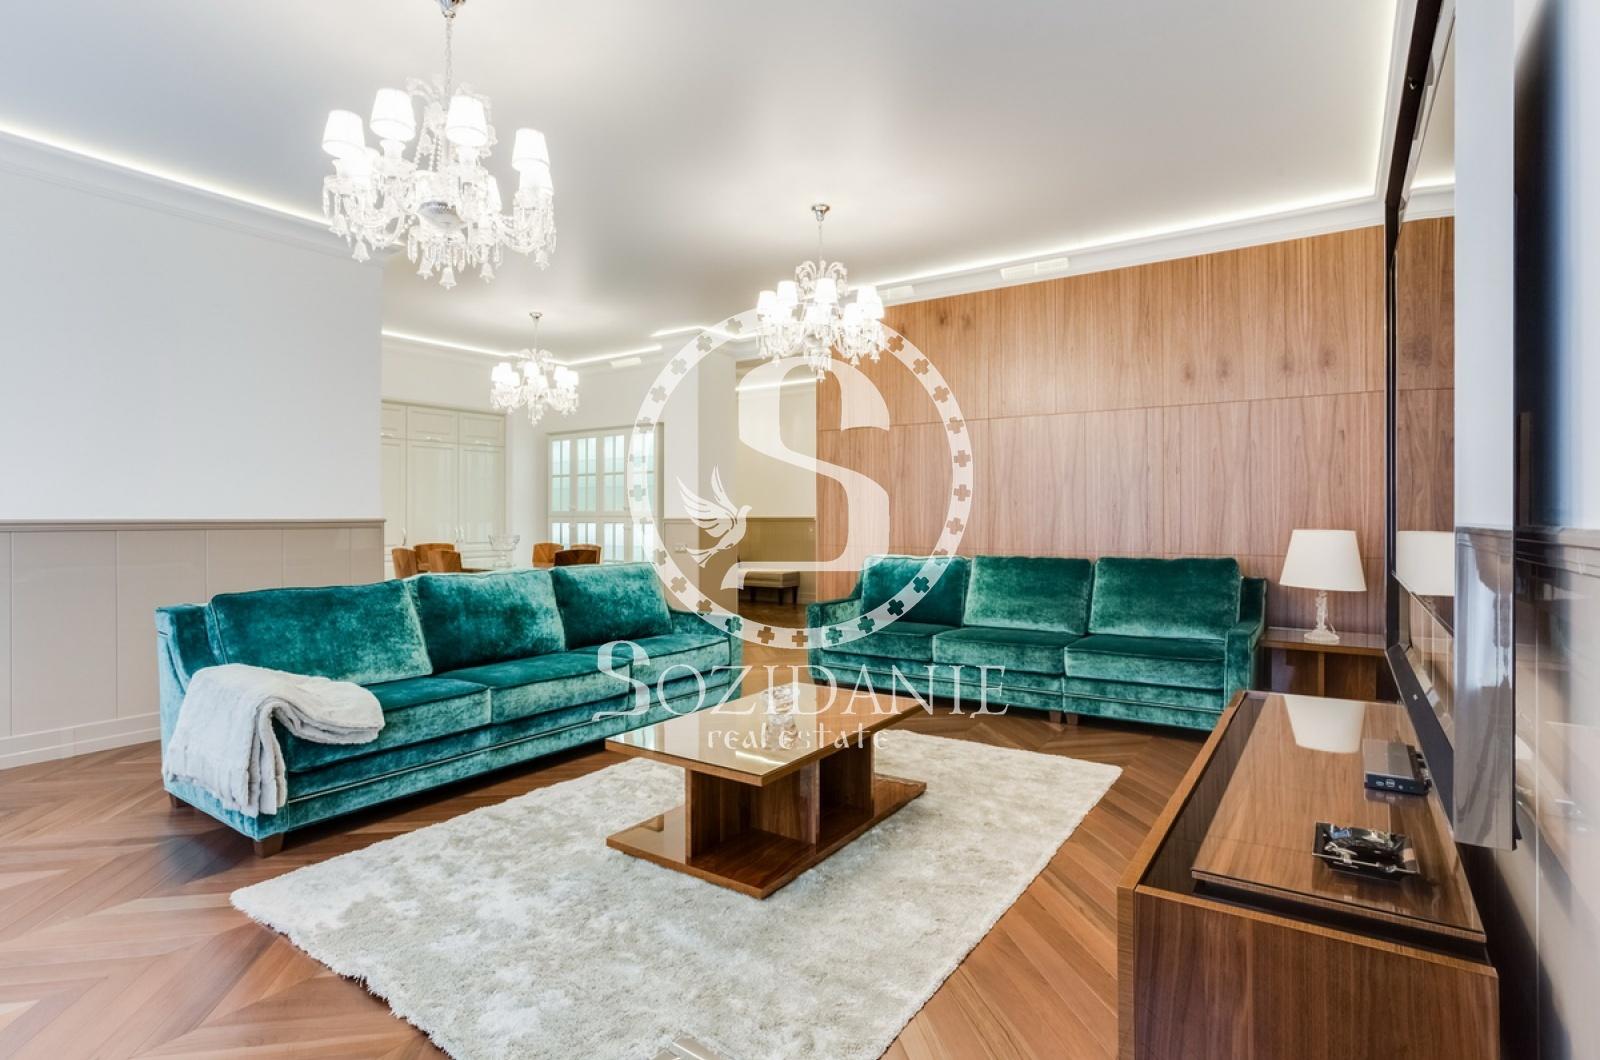 3 Комнаты, Городская, Аренда, 1-й Зачатьевский переулок, Listing ID 3535, Москва, Россия,